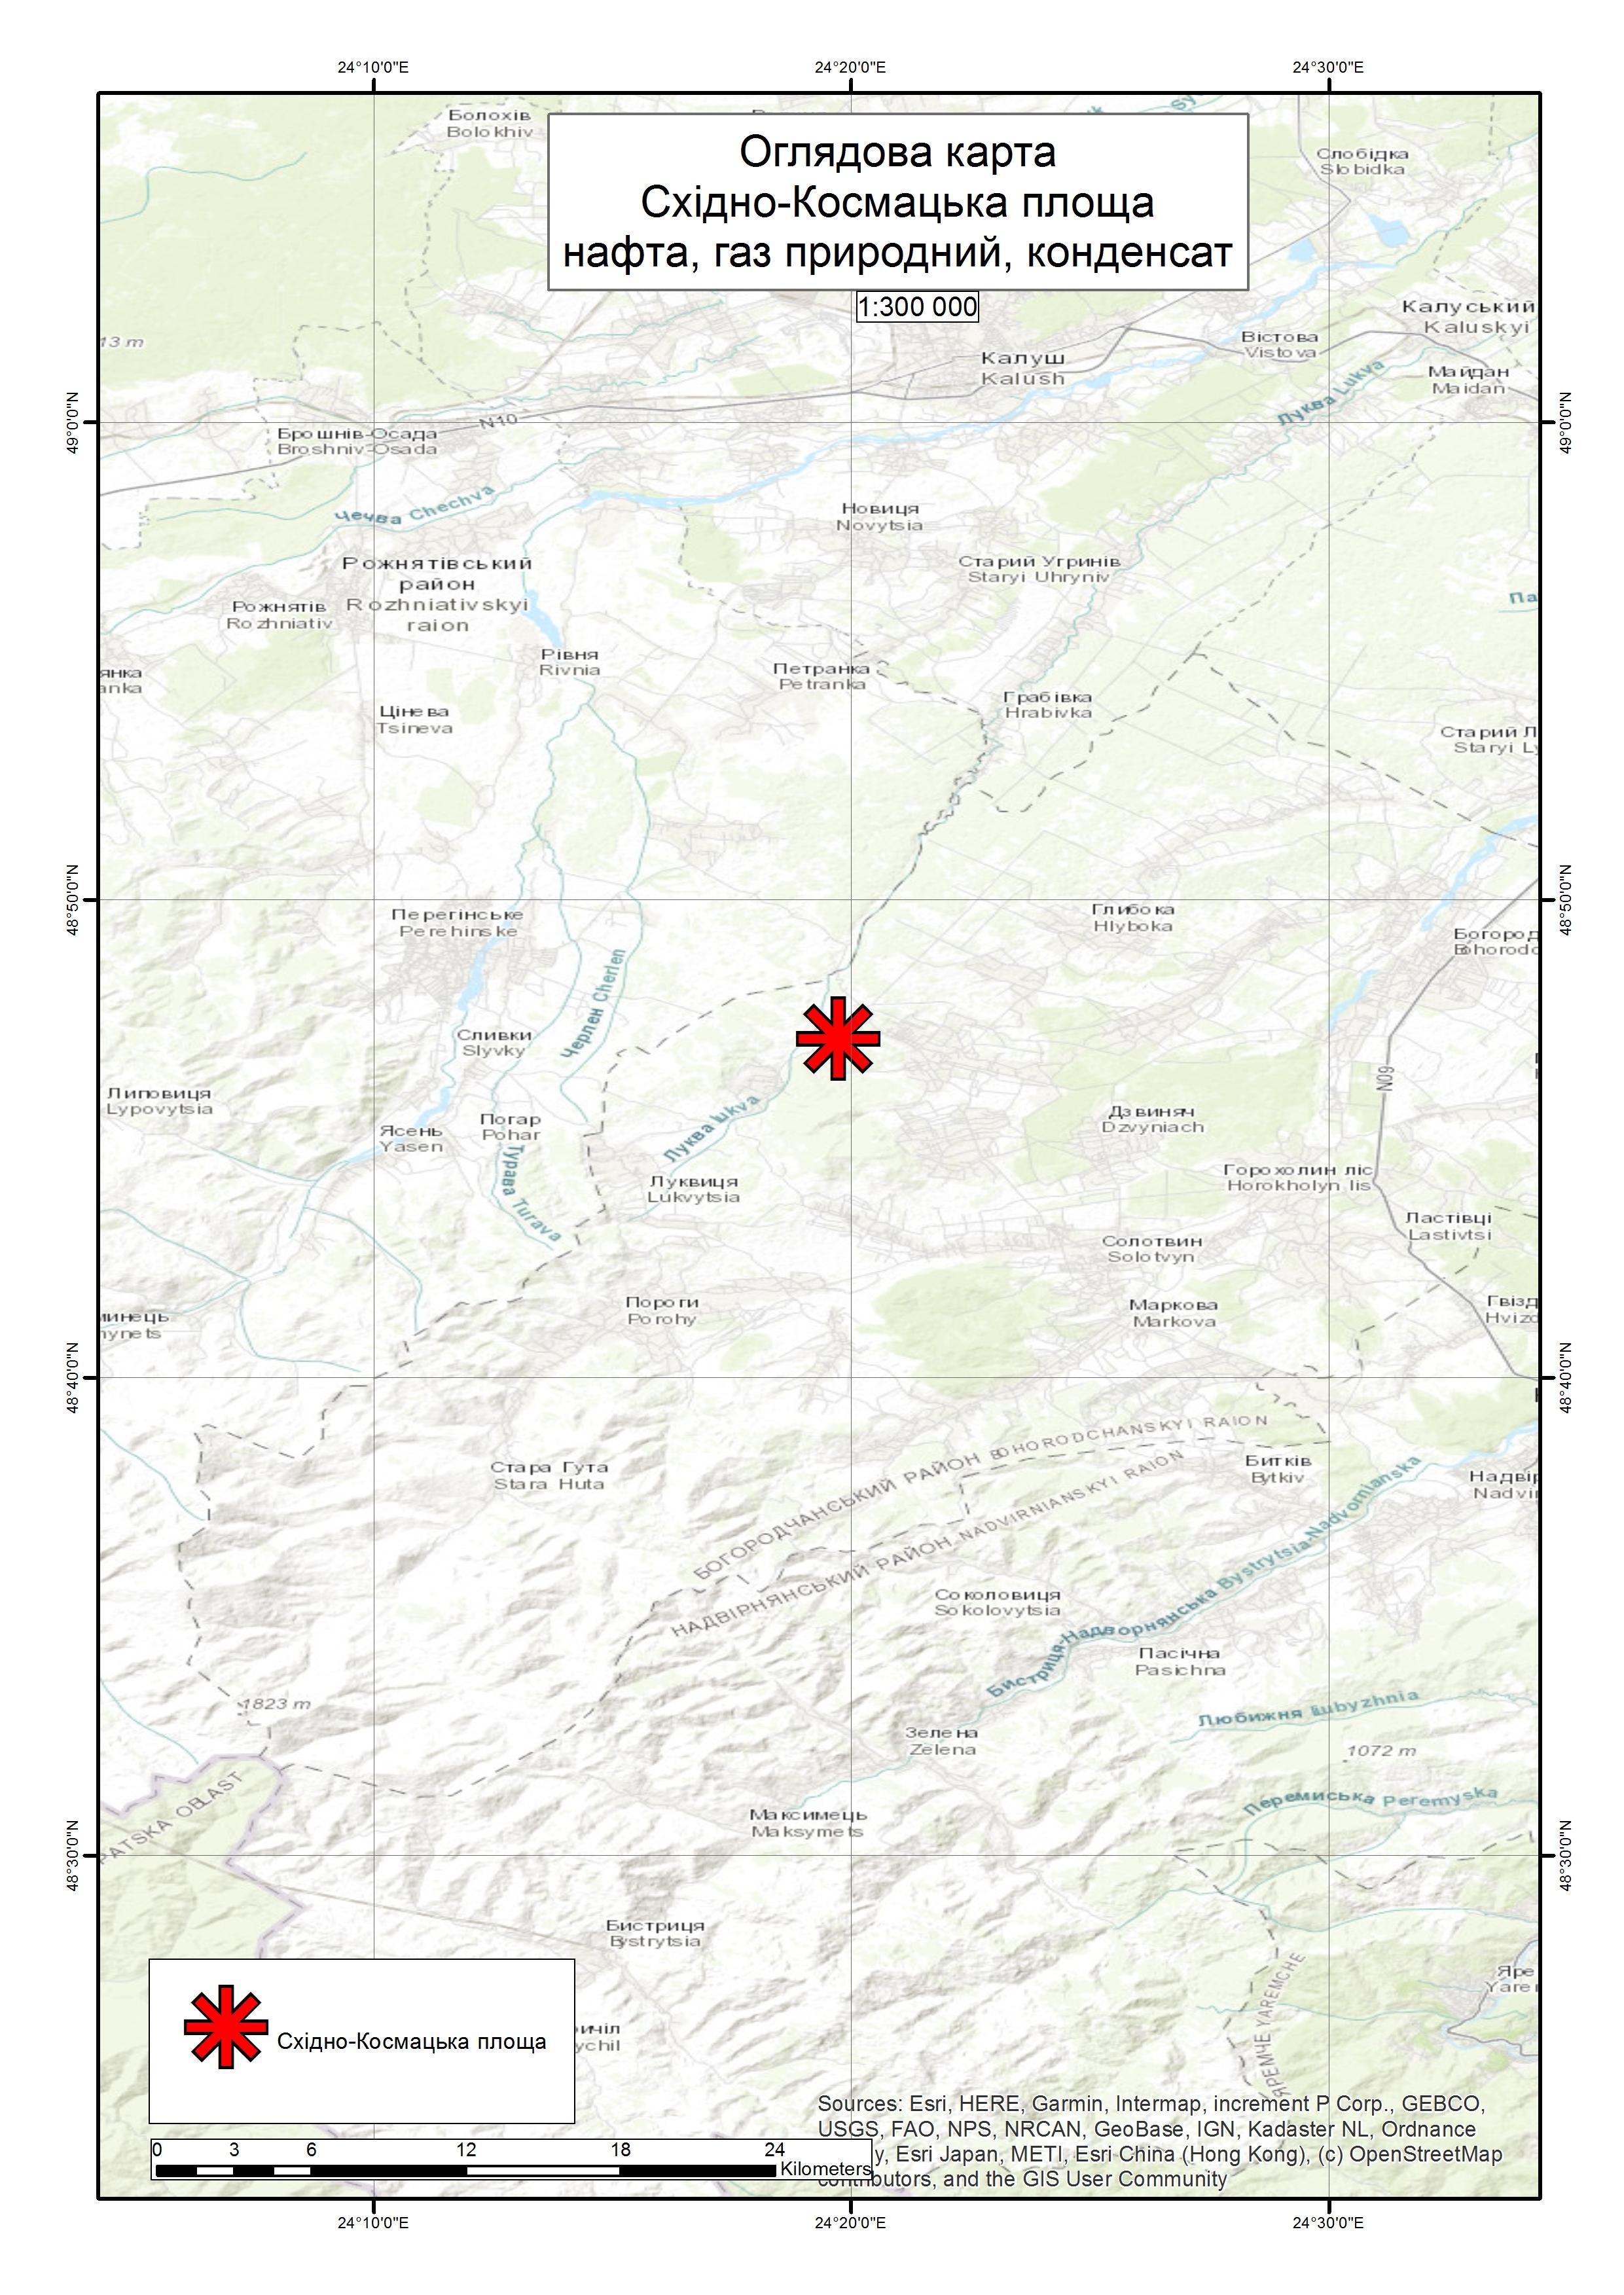 Спеціальний дозвіл на користування надрами – Східно-Космацька площа. Вартість геологічної інформації – 1 691 099,67 грн (з ПДВ). Вартість пакету аукціонної документації – 72 550 грн (з ПДВ).